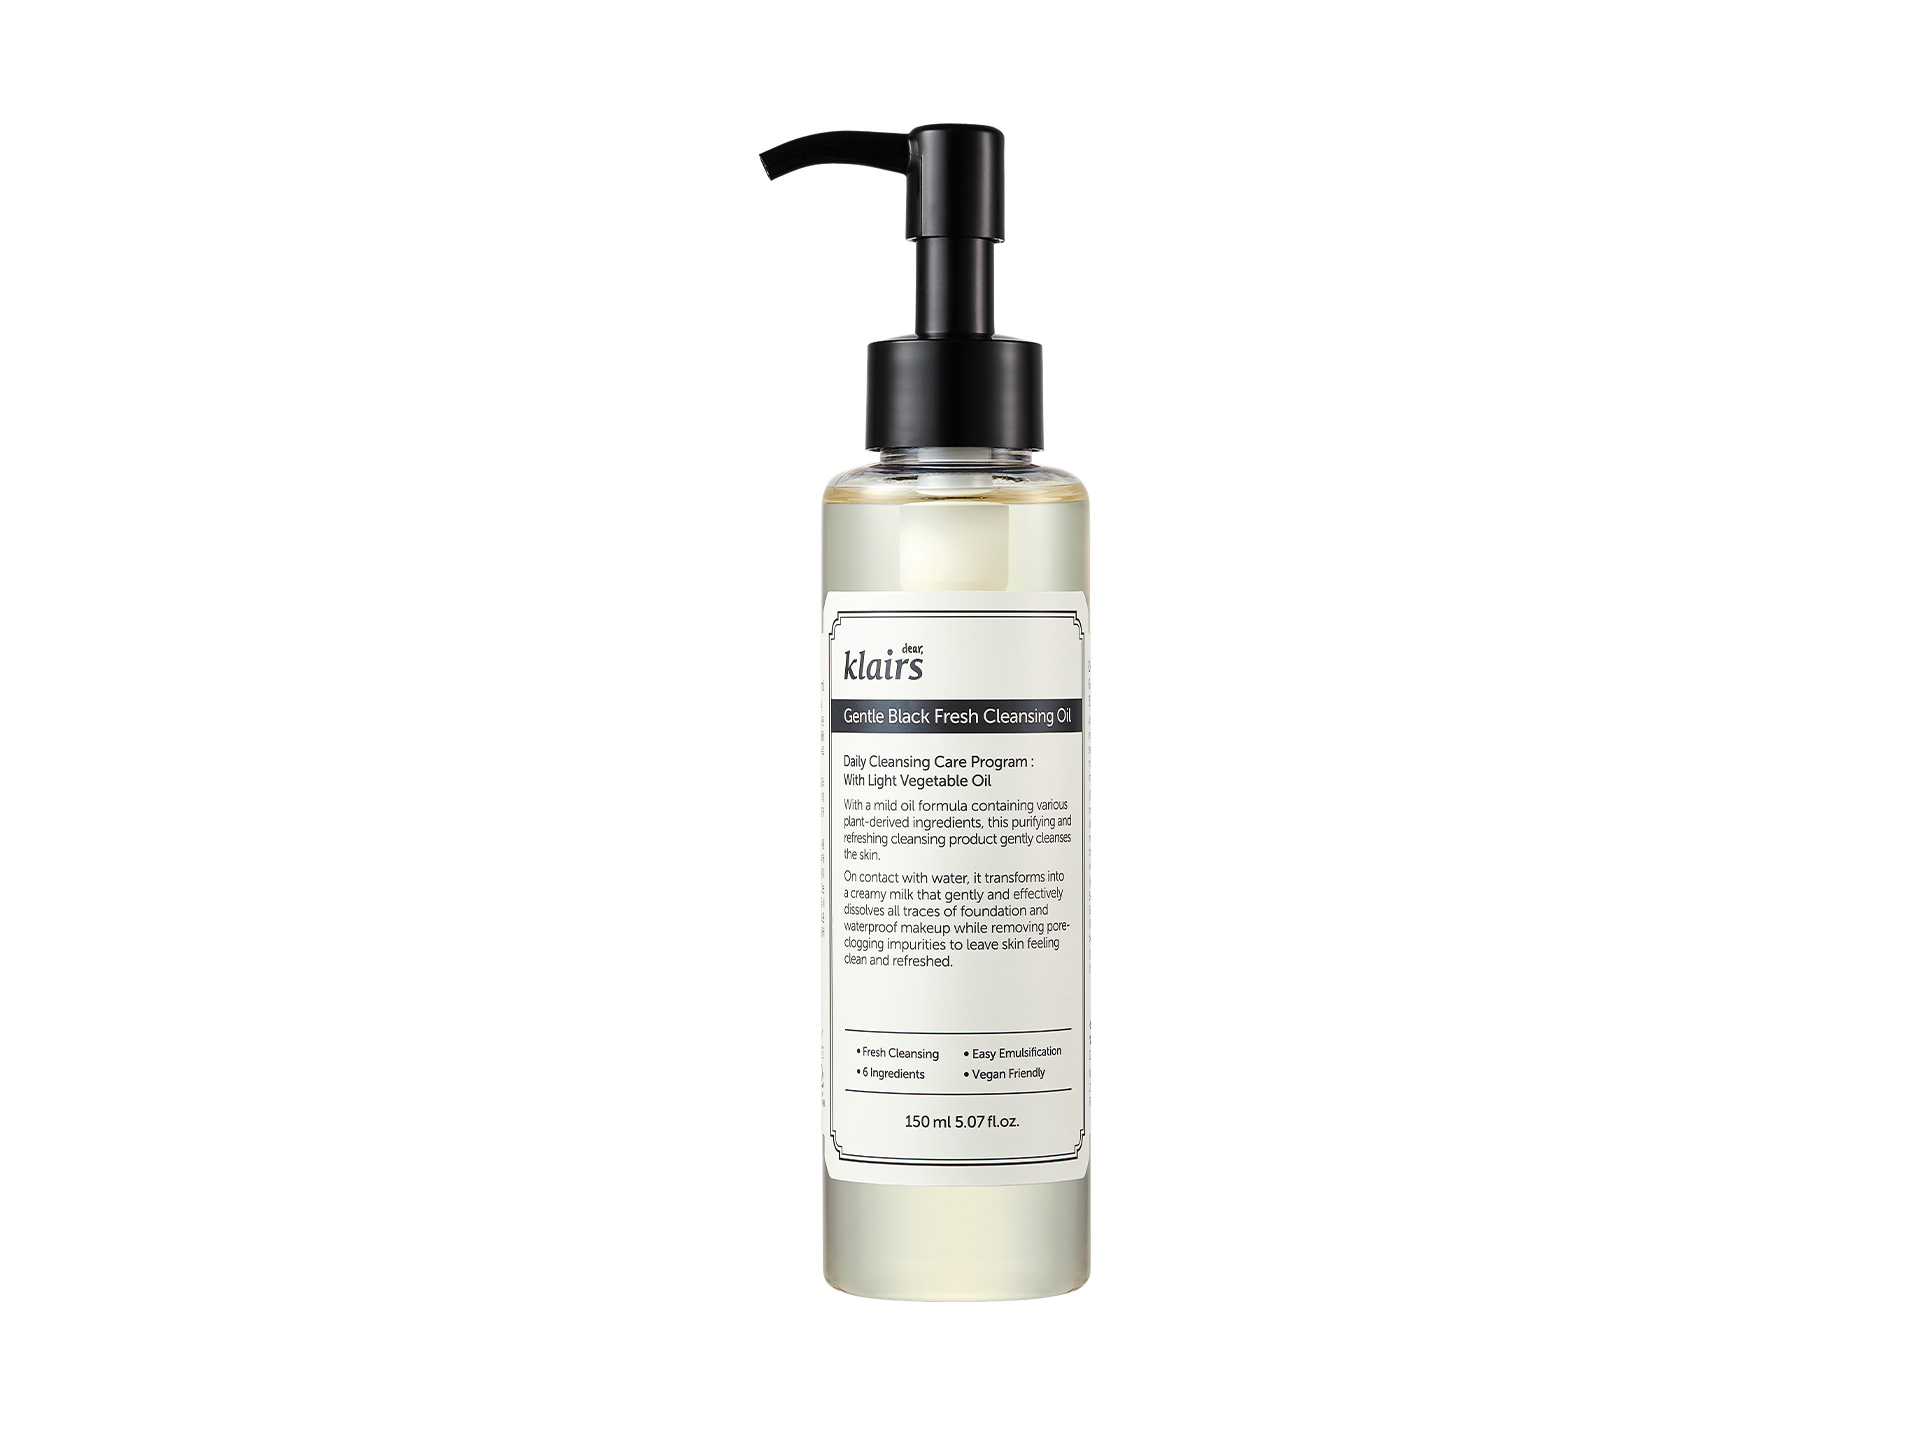 KLAIRS - Gentle Black Fresh Cleansing Oil - Delikatnie orzeźwiający olejek do oczyszczania twarzy